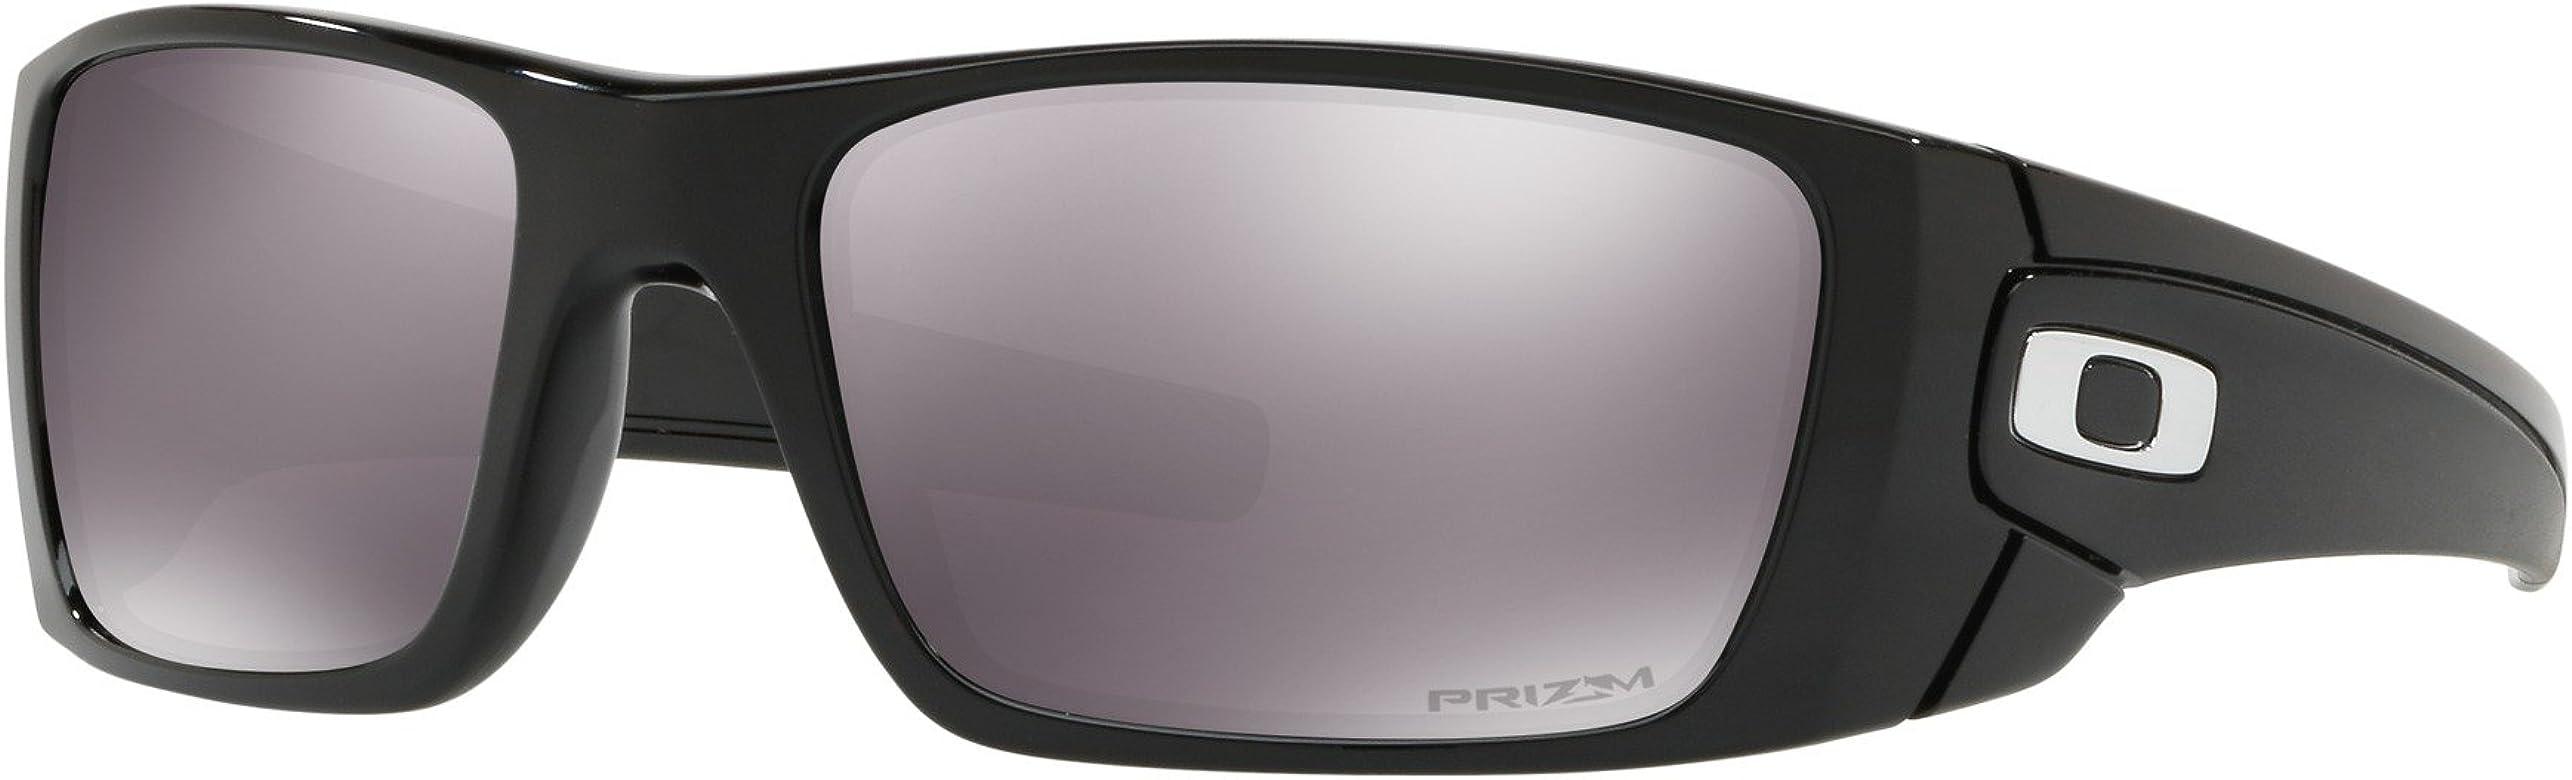 Amazon.com: Oakley Fuel Cell - Gafas de sol con lentes de ...